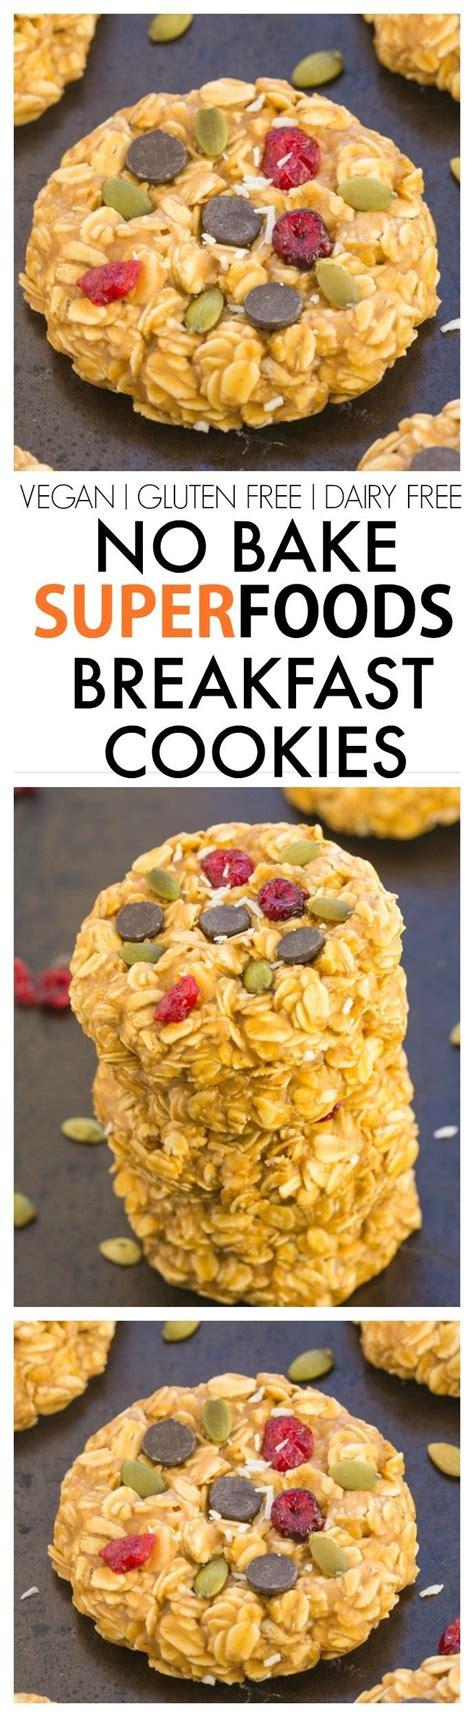 Detox Vegan Breakfast by Healthy No Bake Superfoods Detox Breakfast Cookies